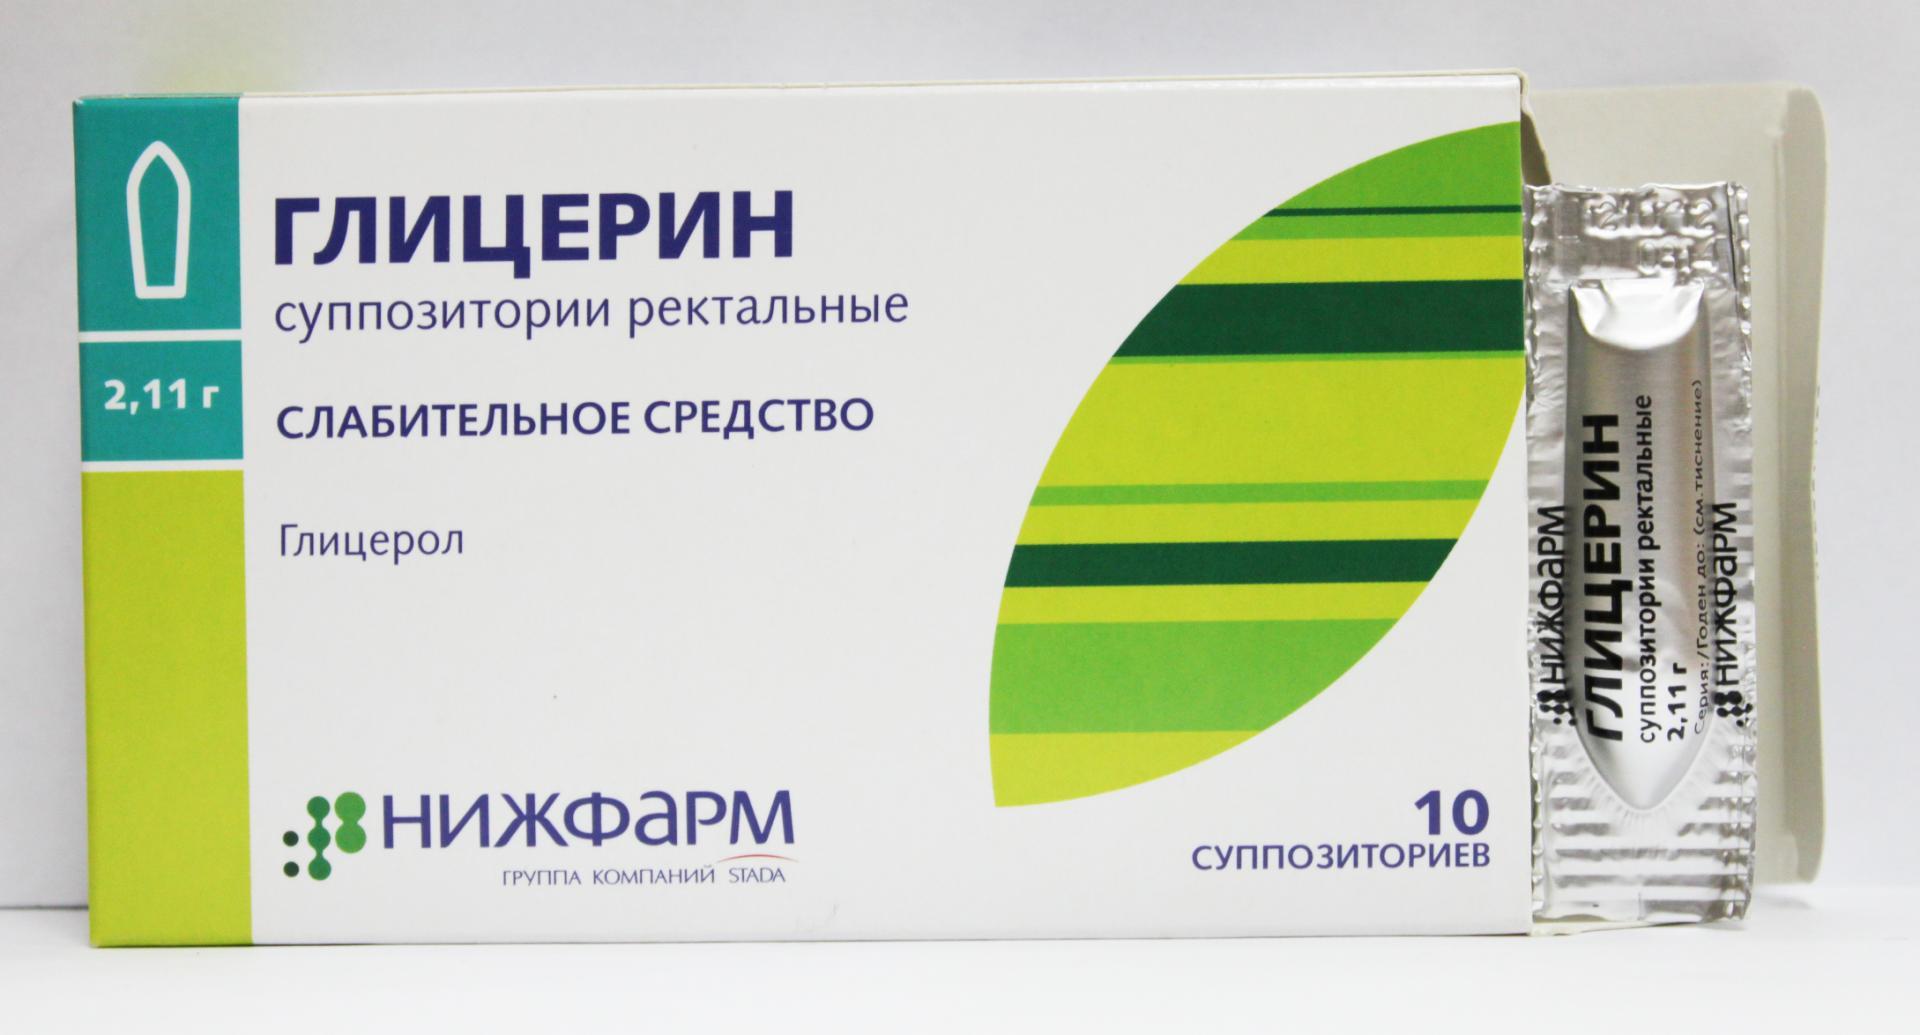 Использование глицериновых свечей при беременности